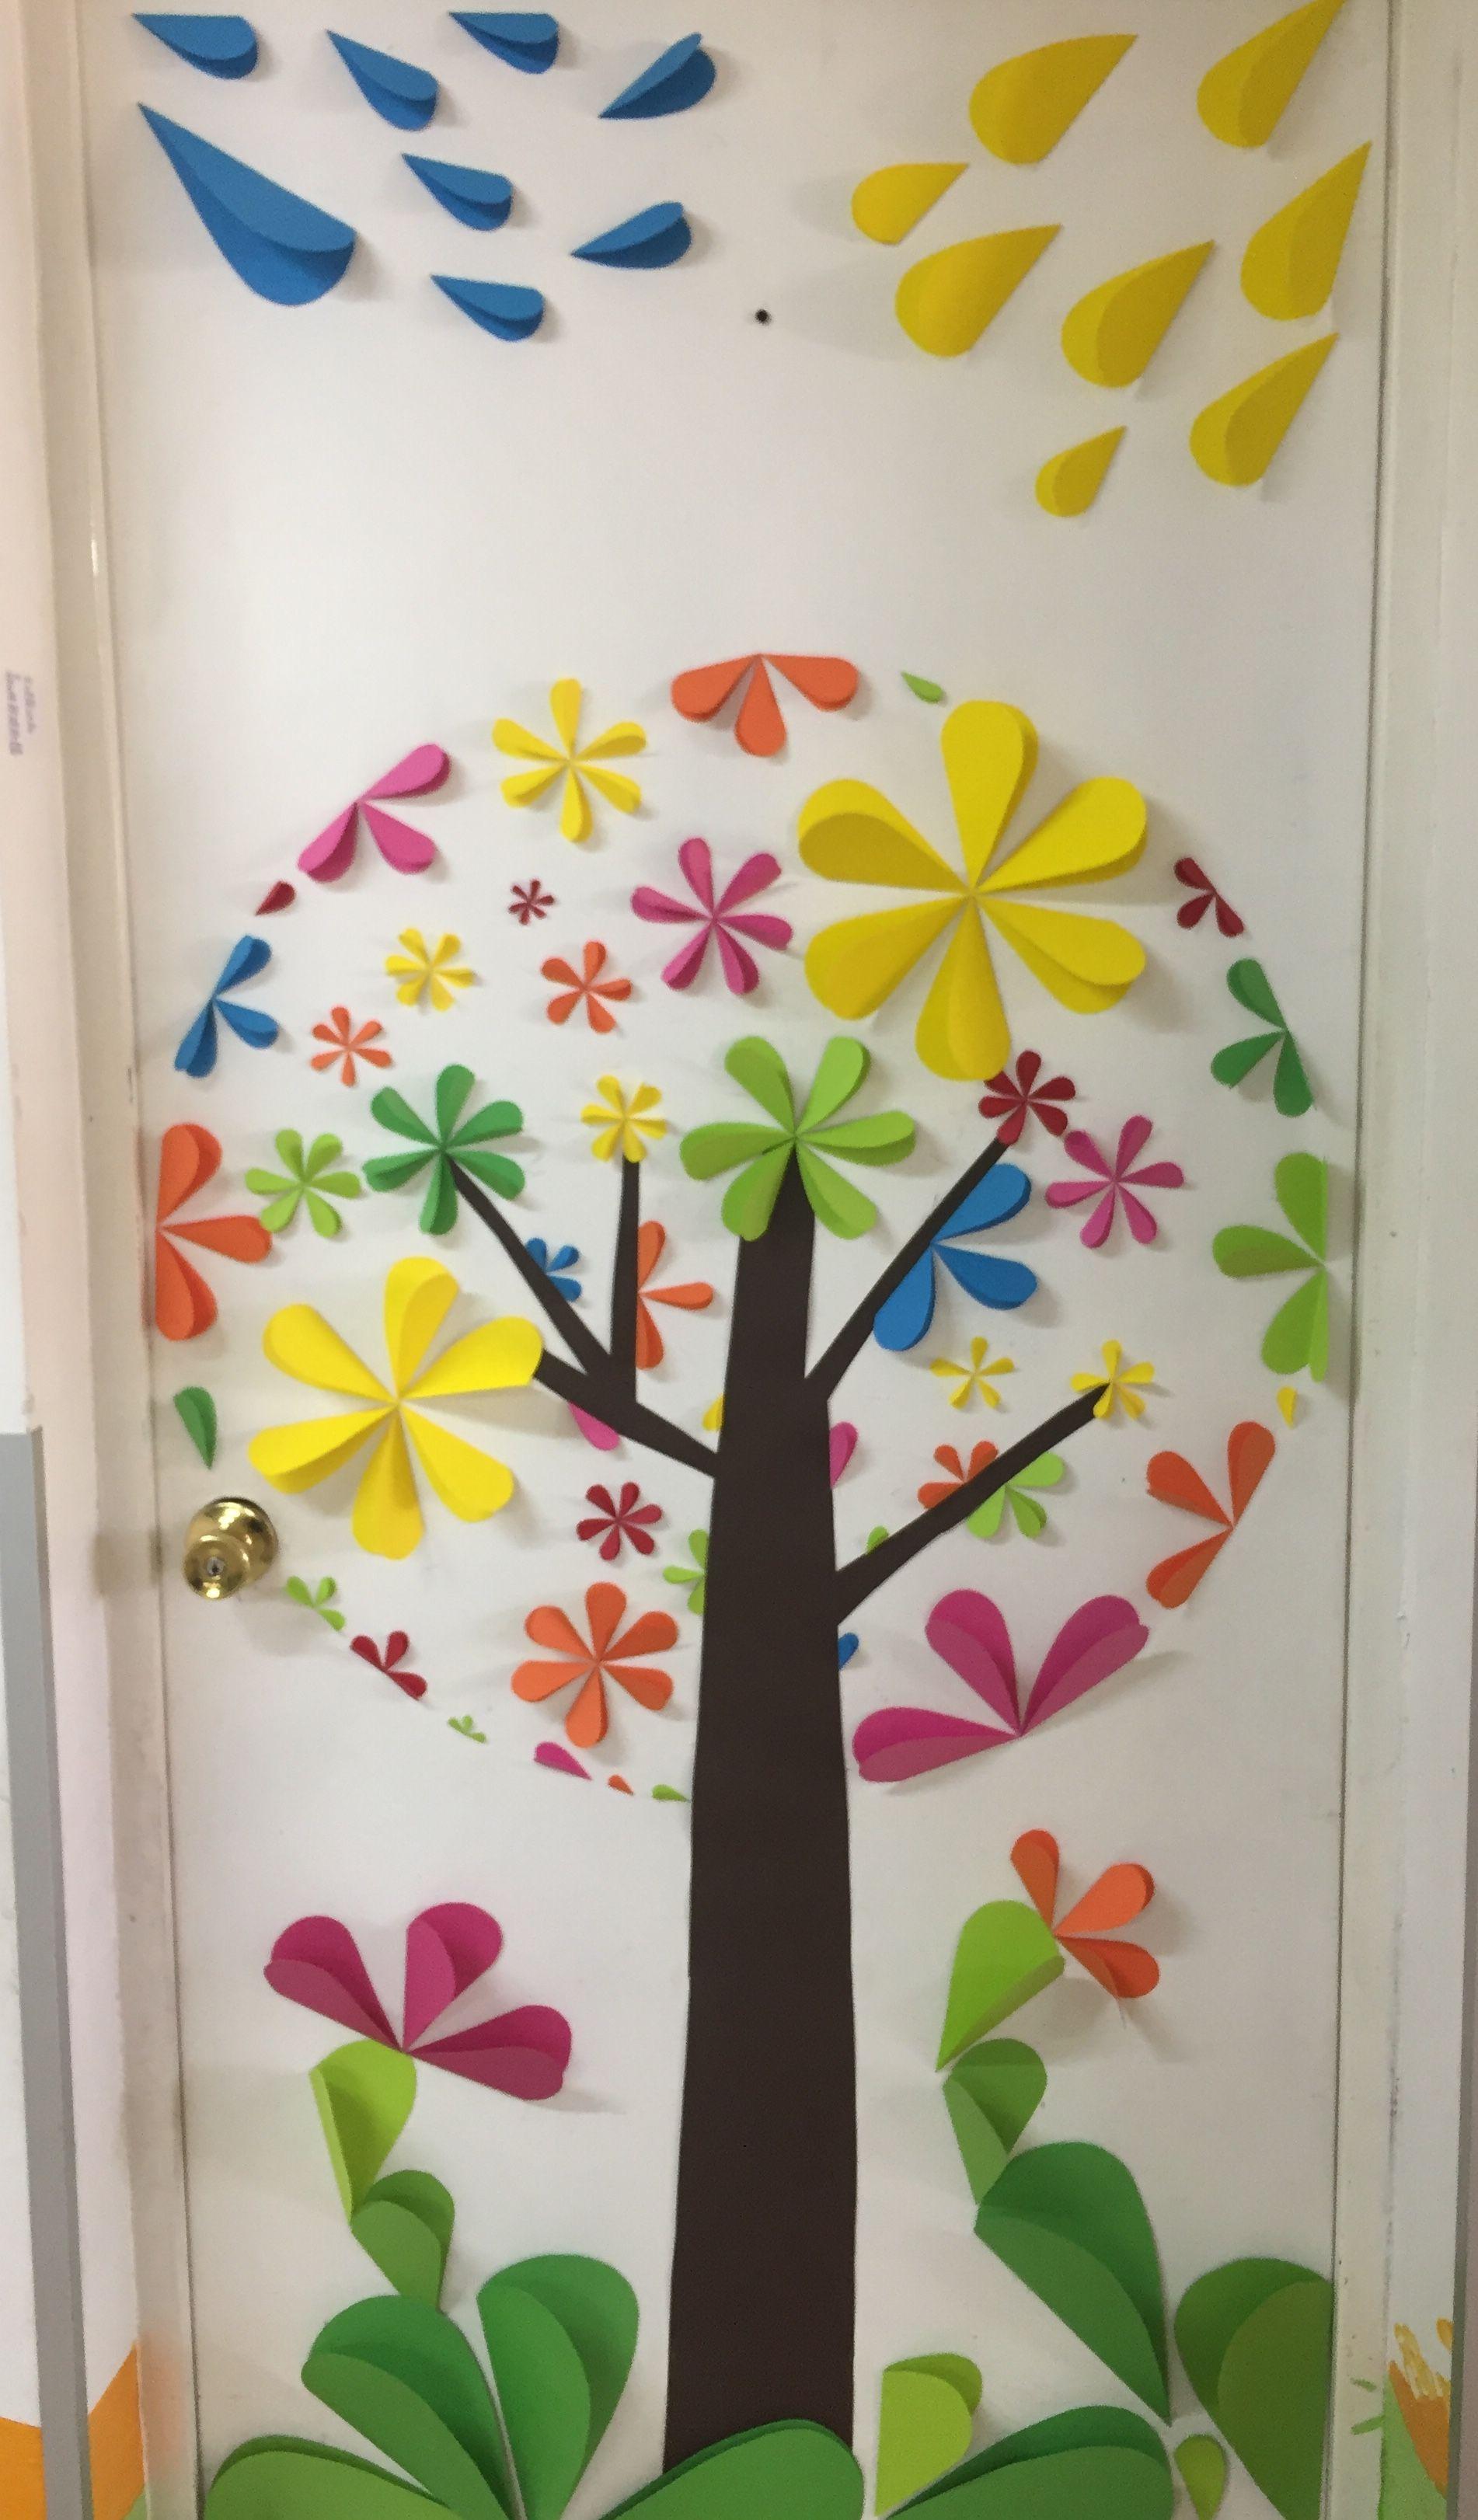 Decoraci n de puerta para primavera ni os decoracion for Decoracion de puertas escolares